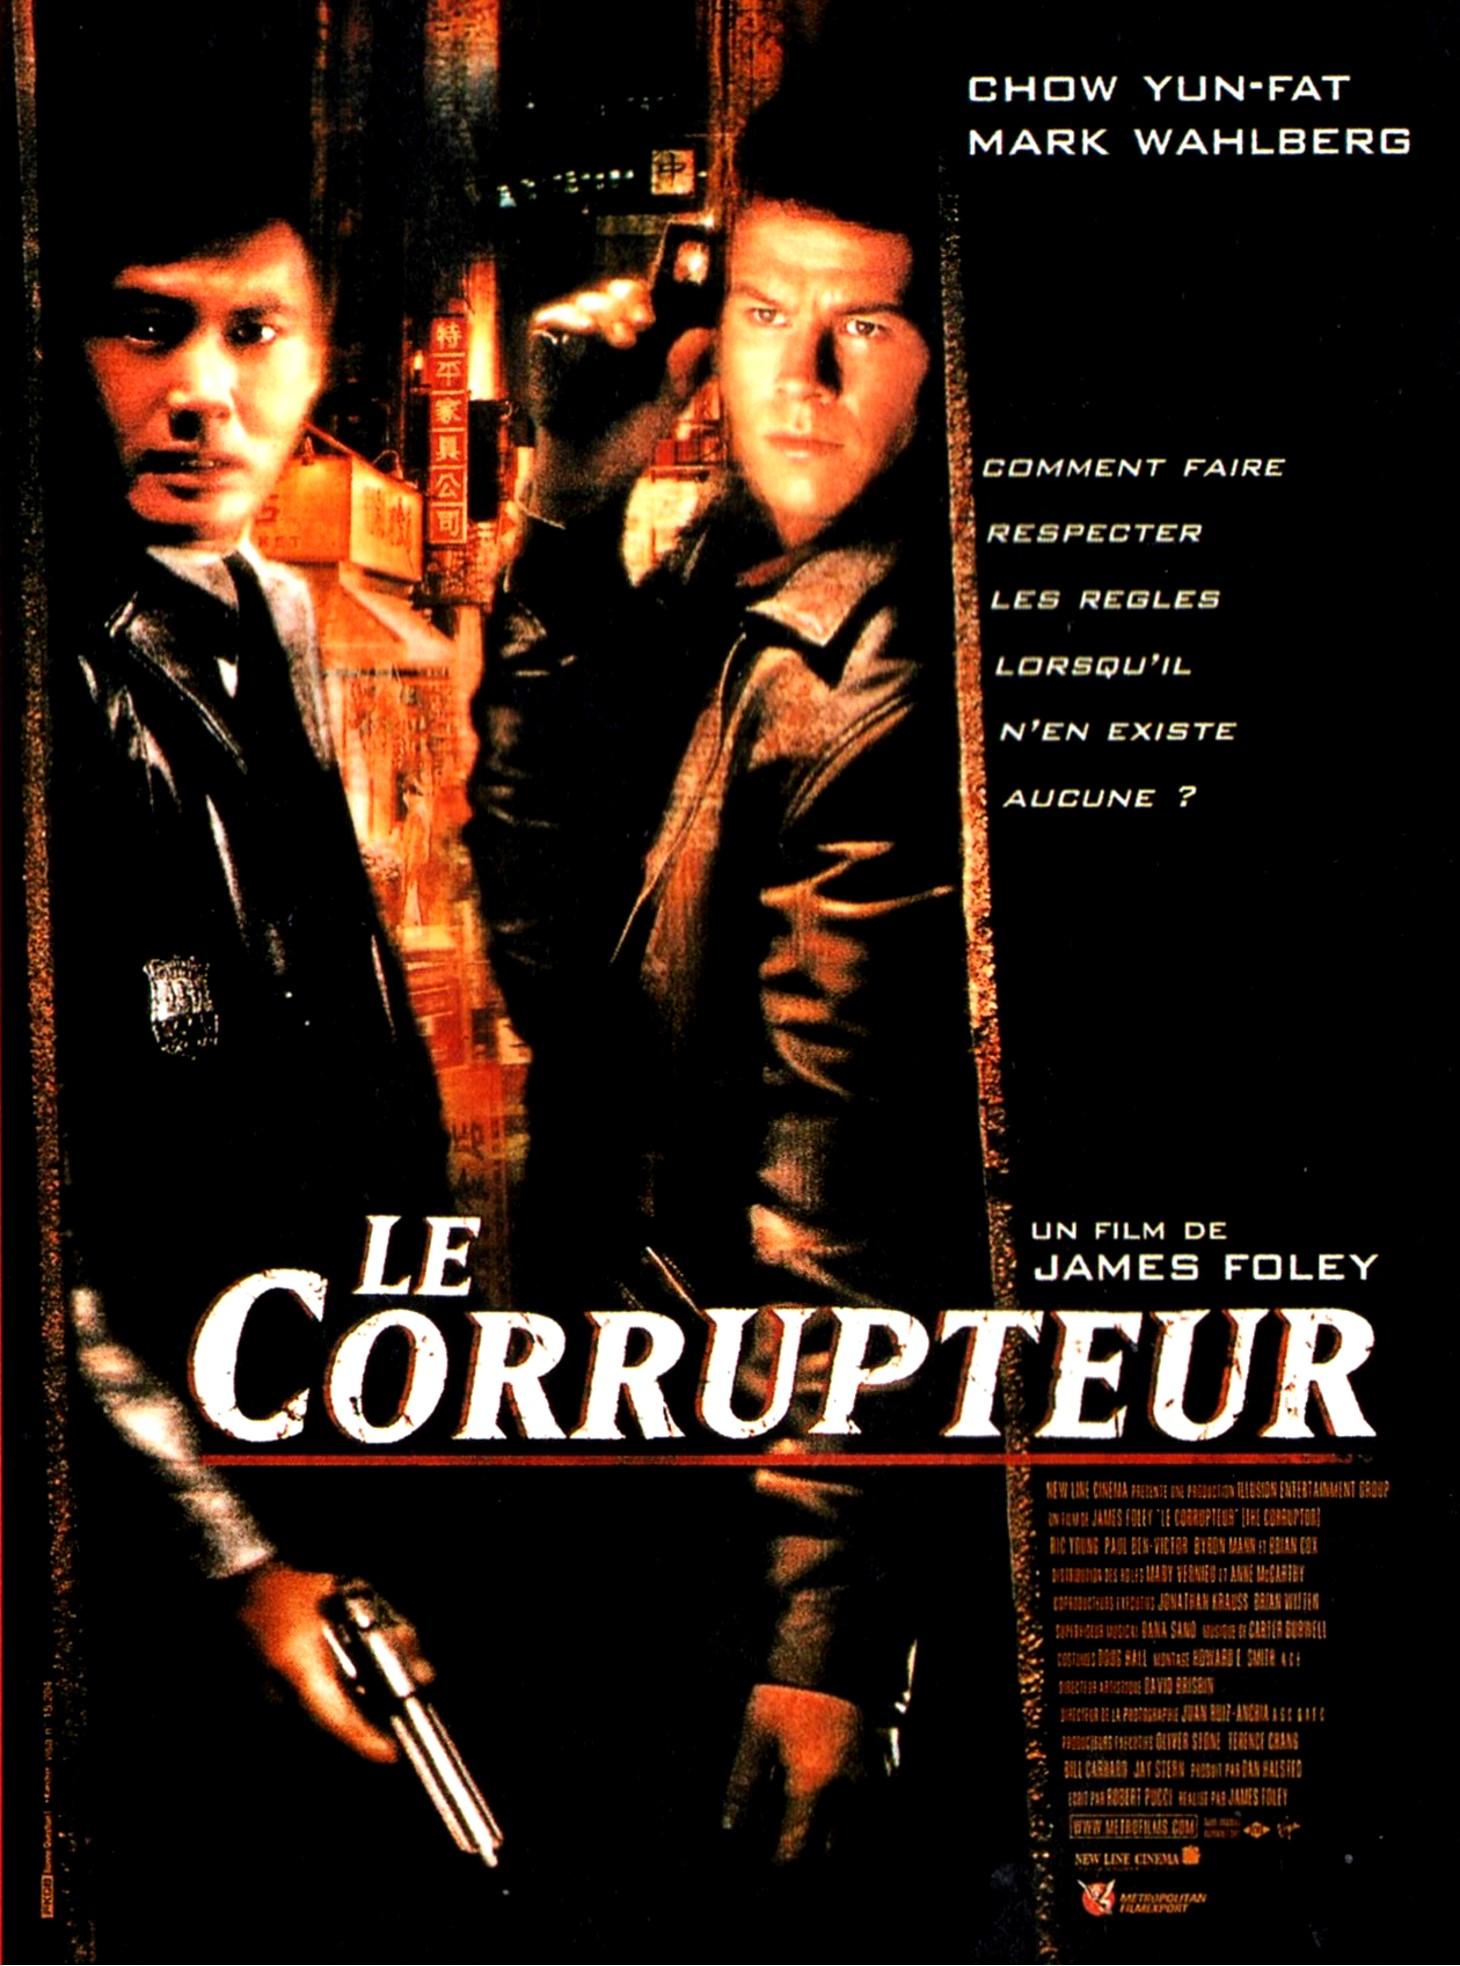 affiche du film Le corrupteur